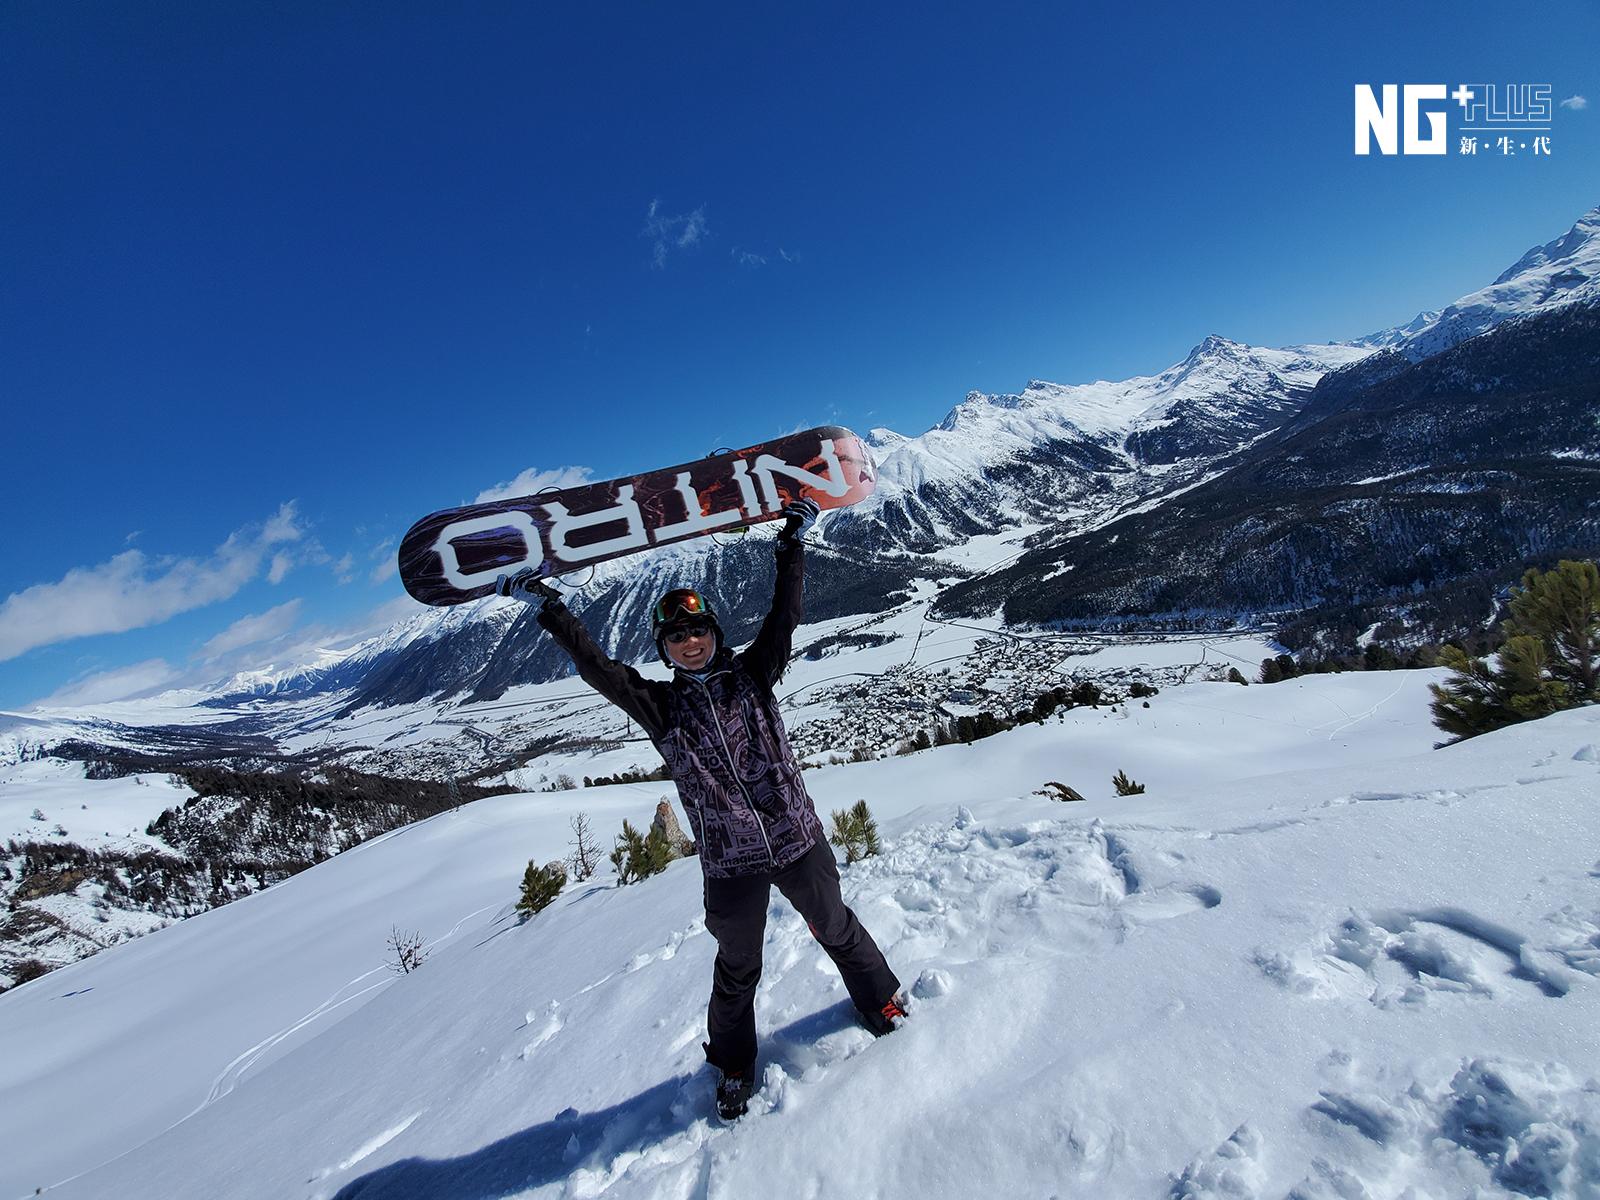 懷念新西蘭白雪 滑雪教練回澳搵工 - NG Plus 新生代